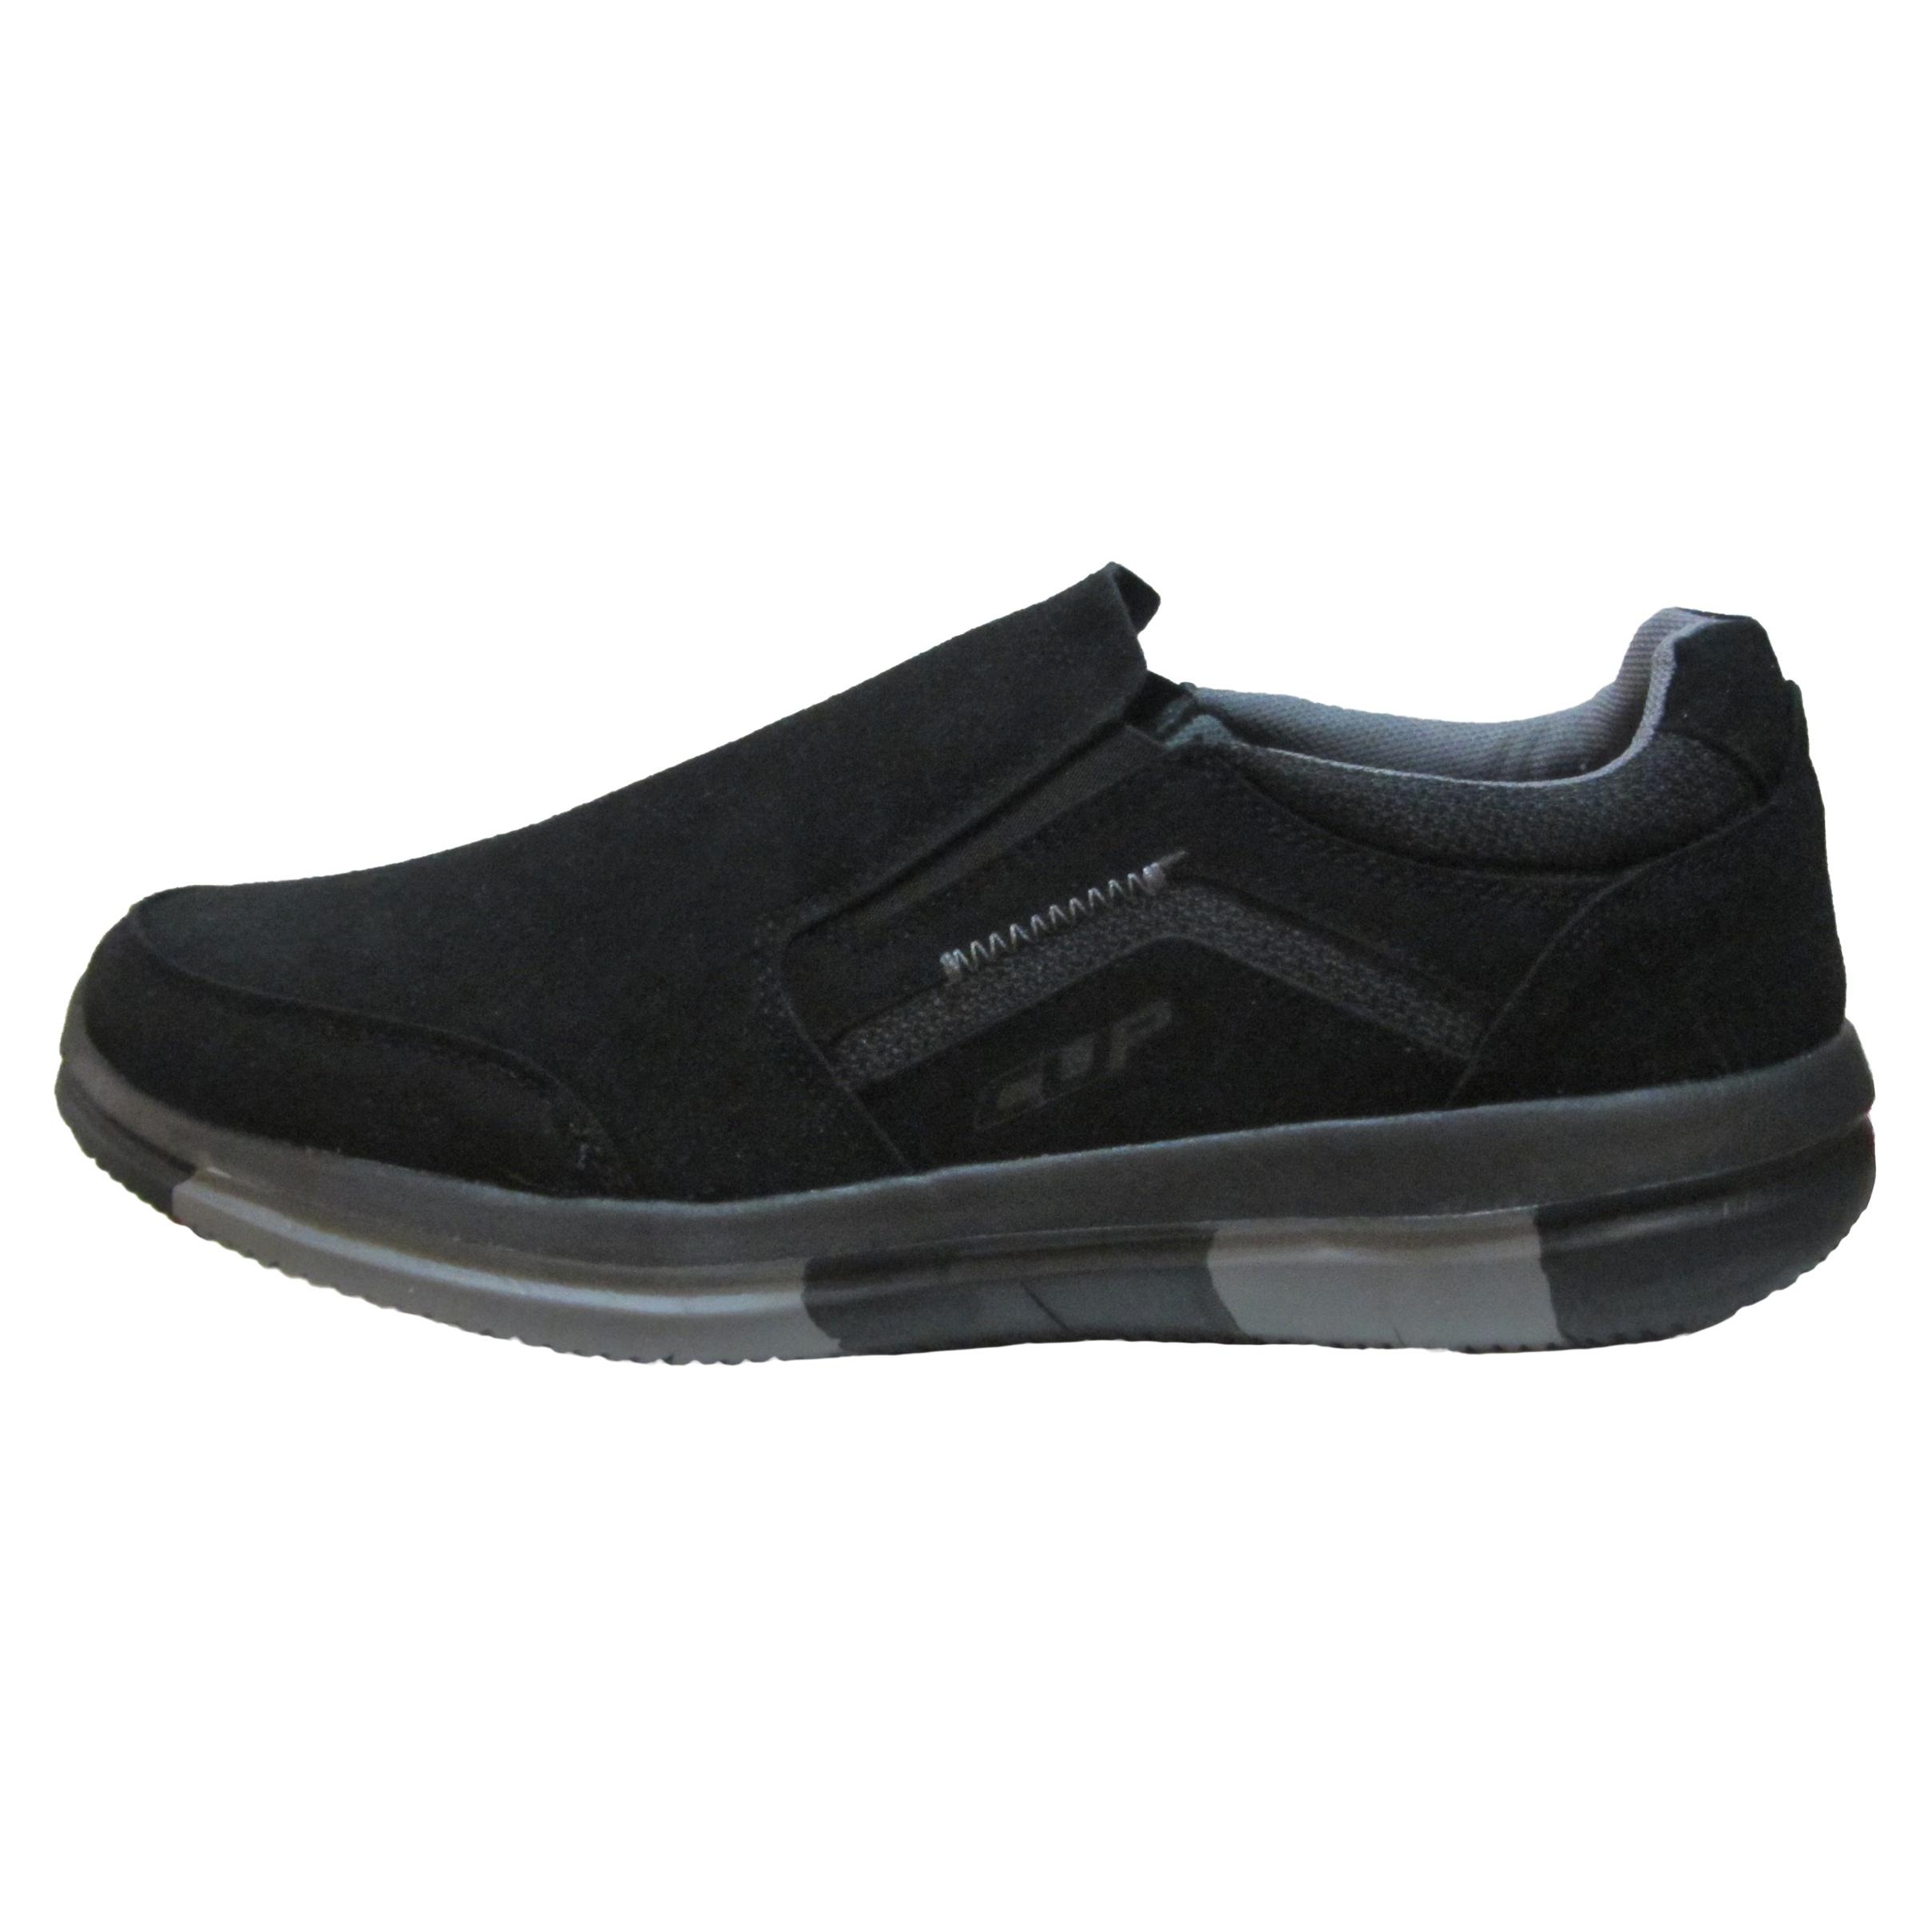 کفش روزمره مردانه آلبرتینی مدل CUP کد 02